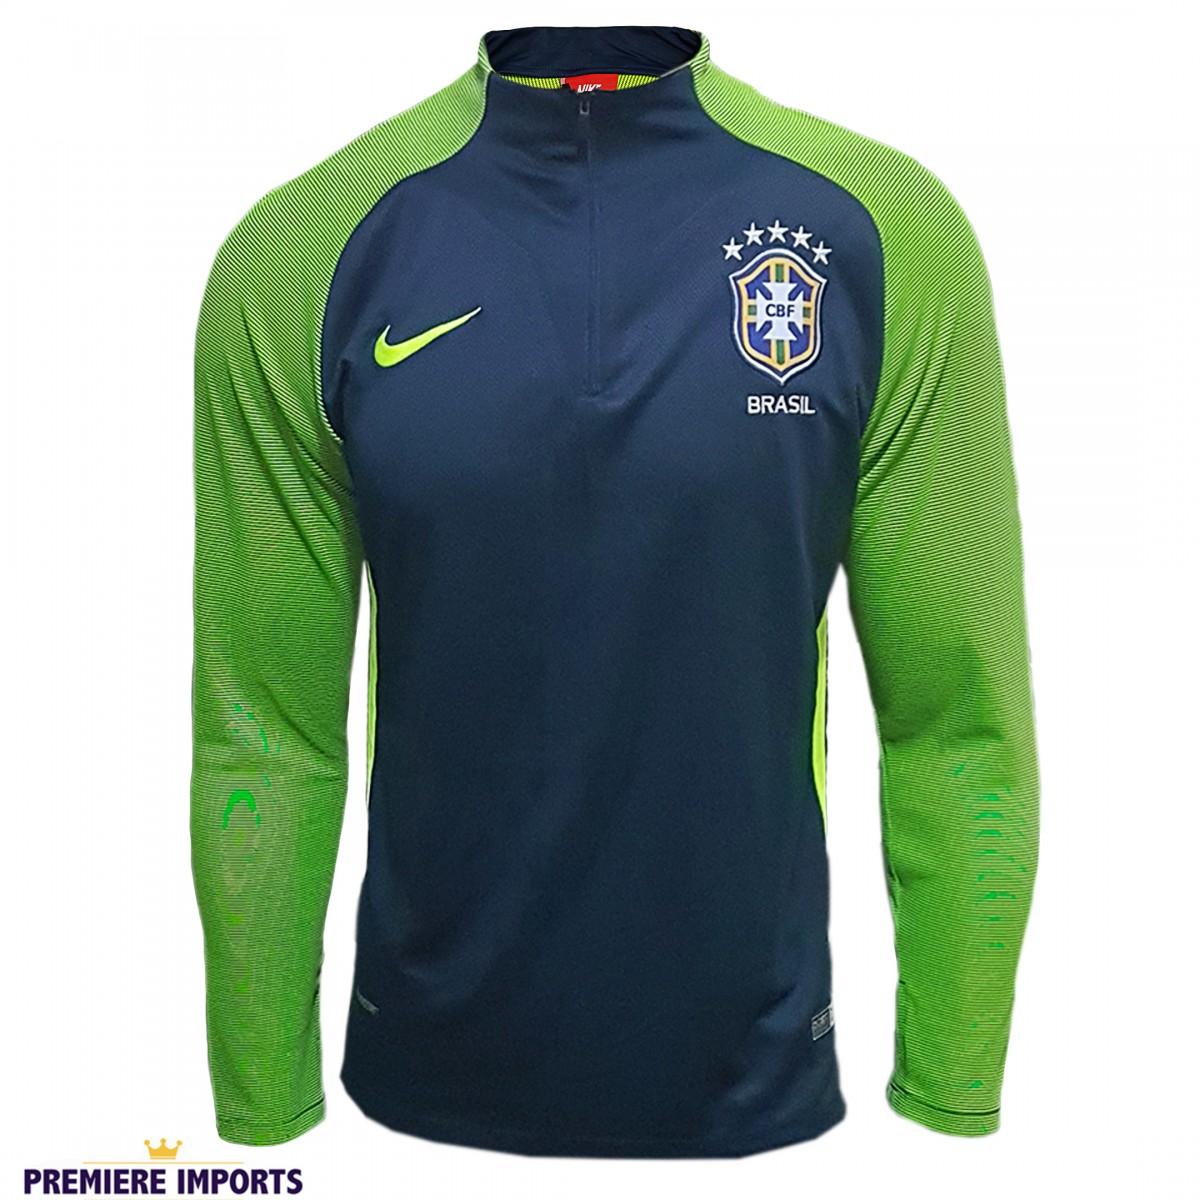 18c99ff4c Conjunto Nike Agasalho de Treino Seleção Brasileira - M - Premiere ...